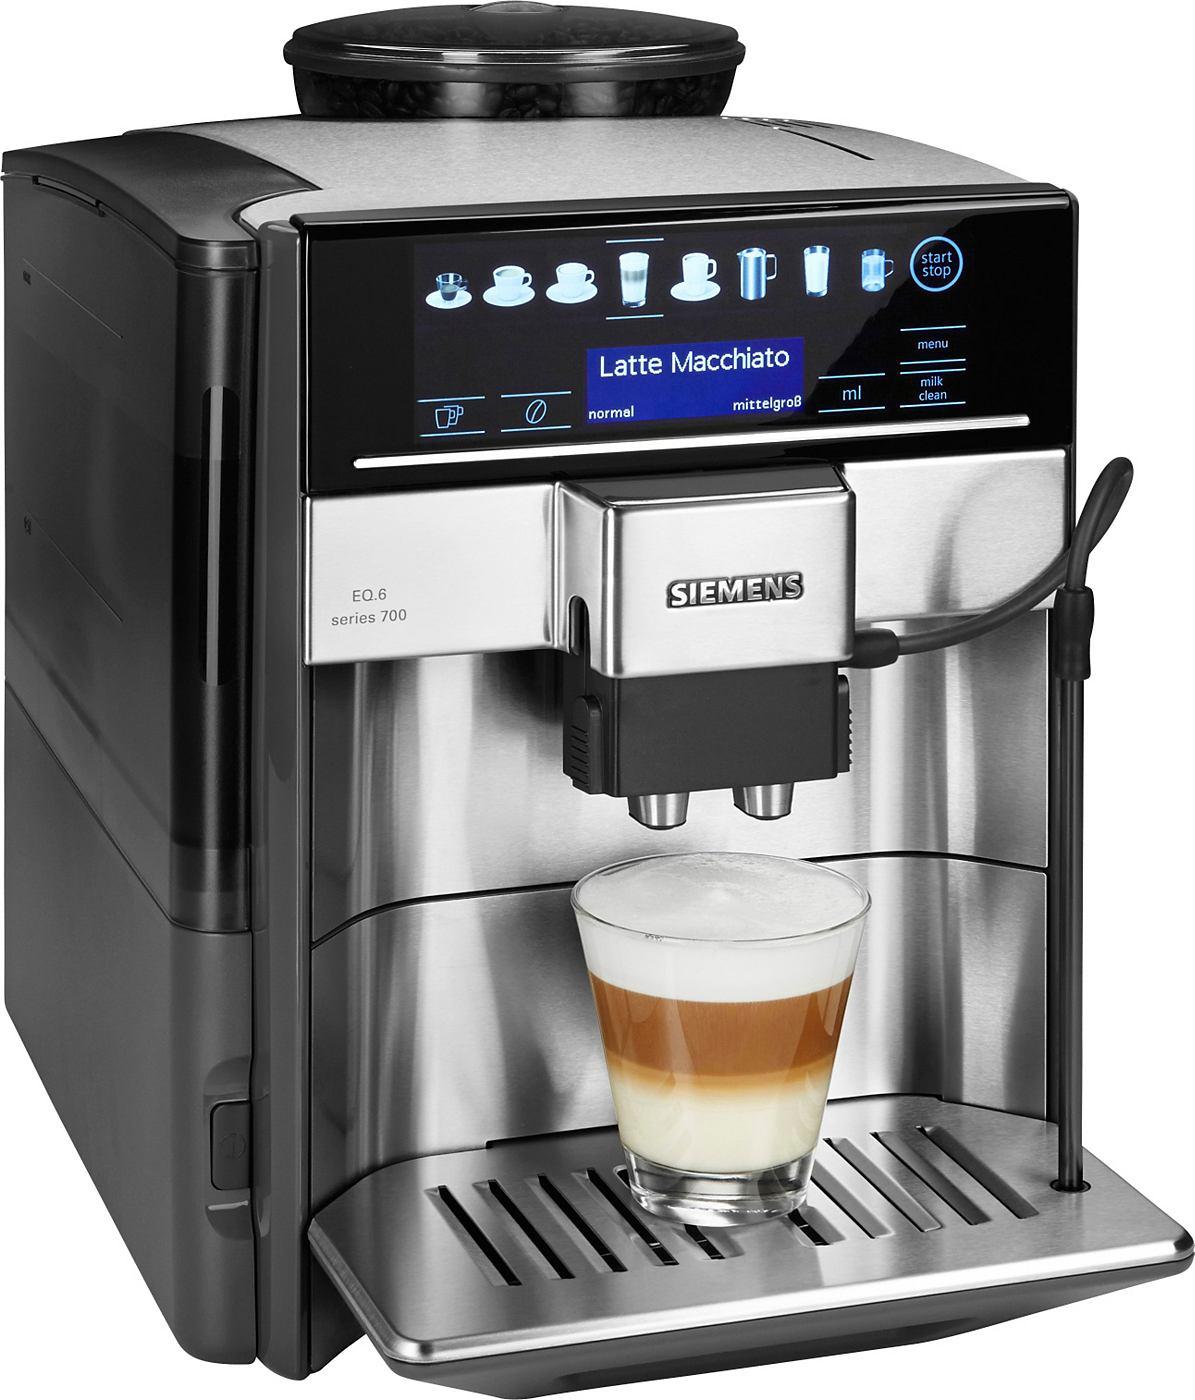 Siemens Kaffeevollautomat EQ.6 series 700 TE607503DE